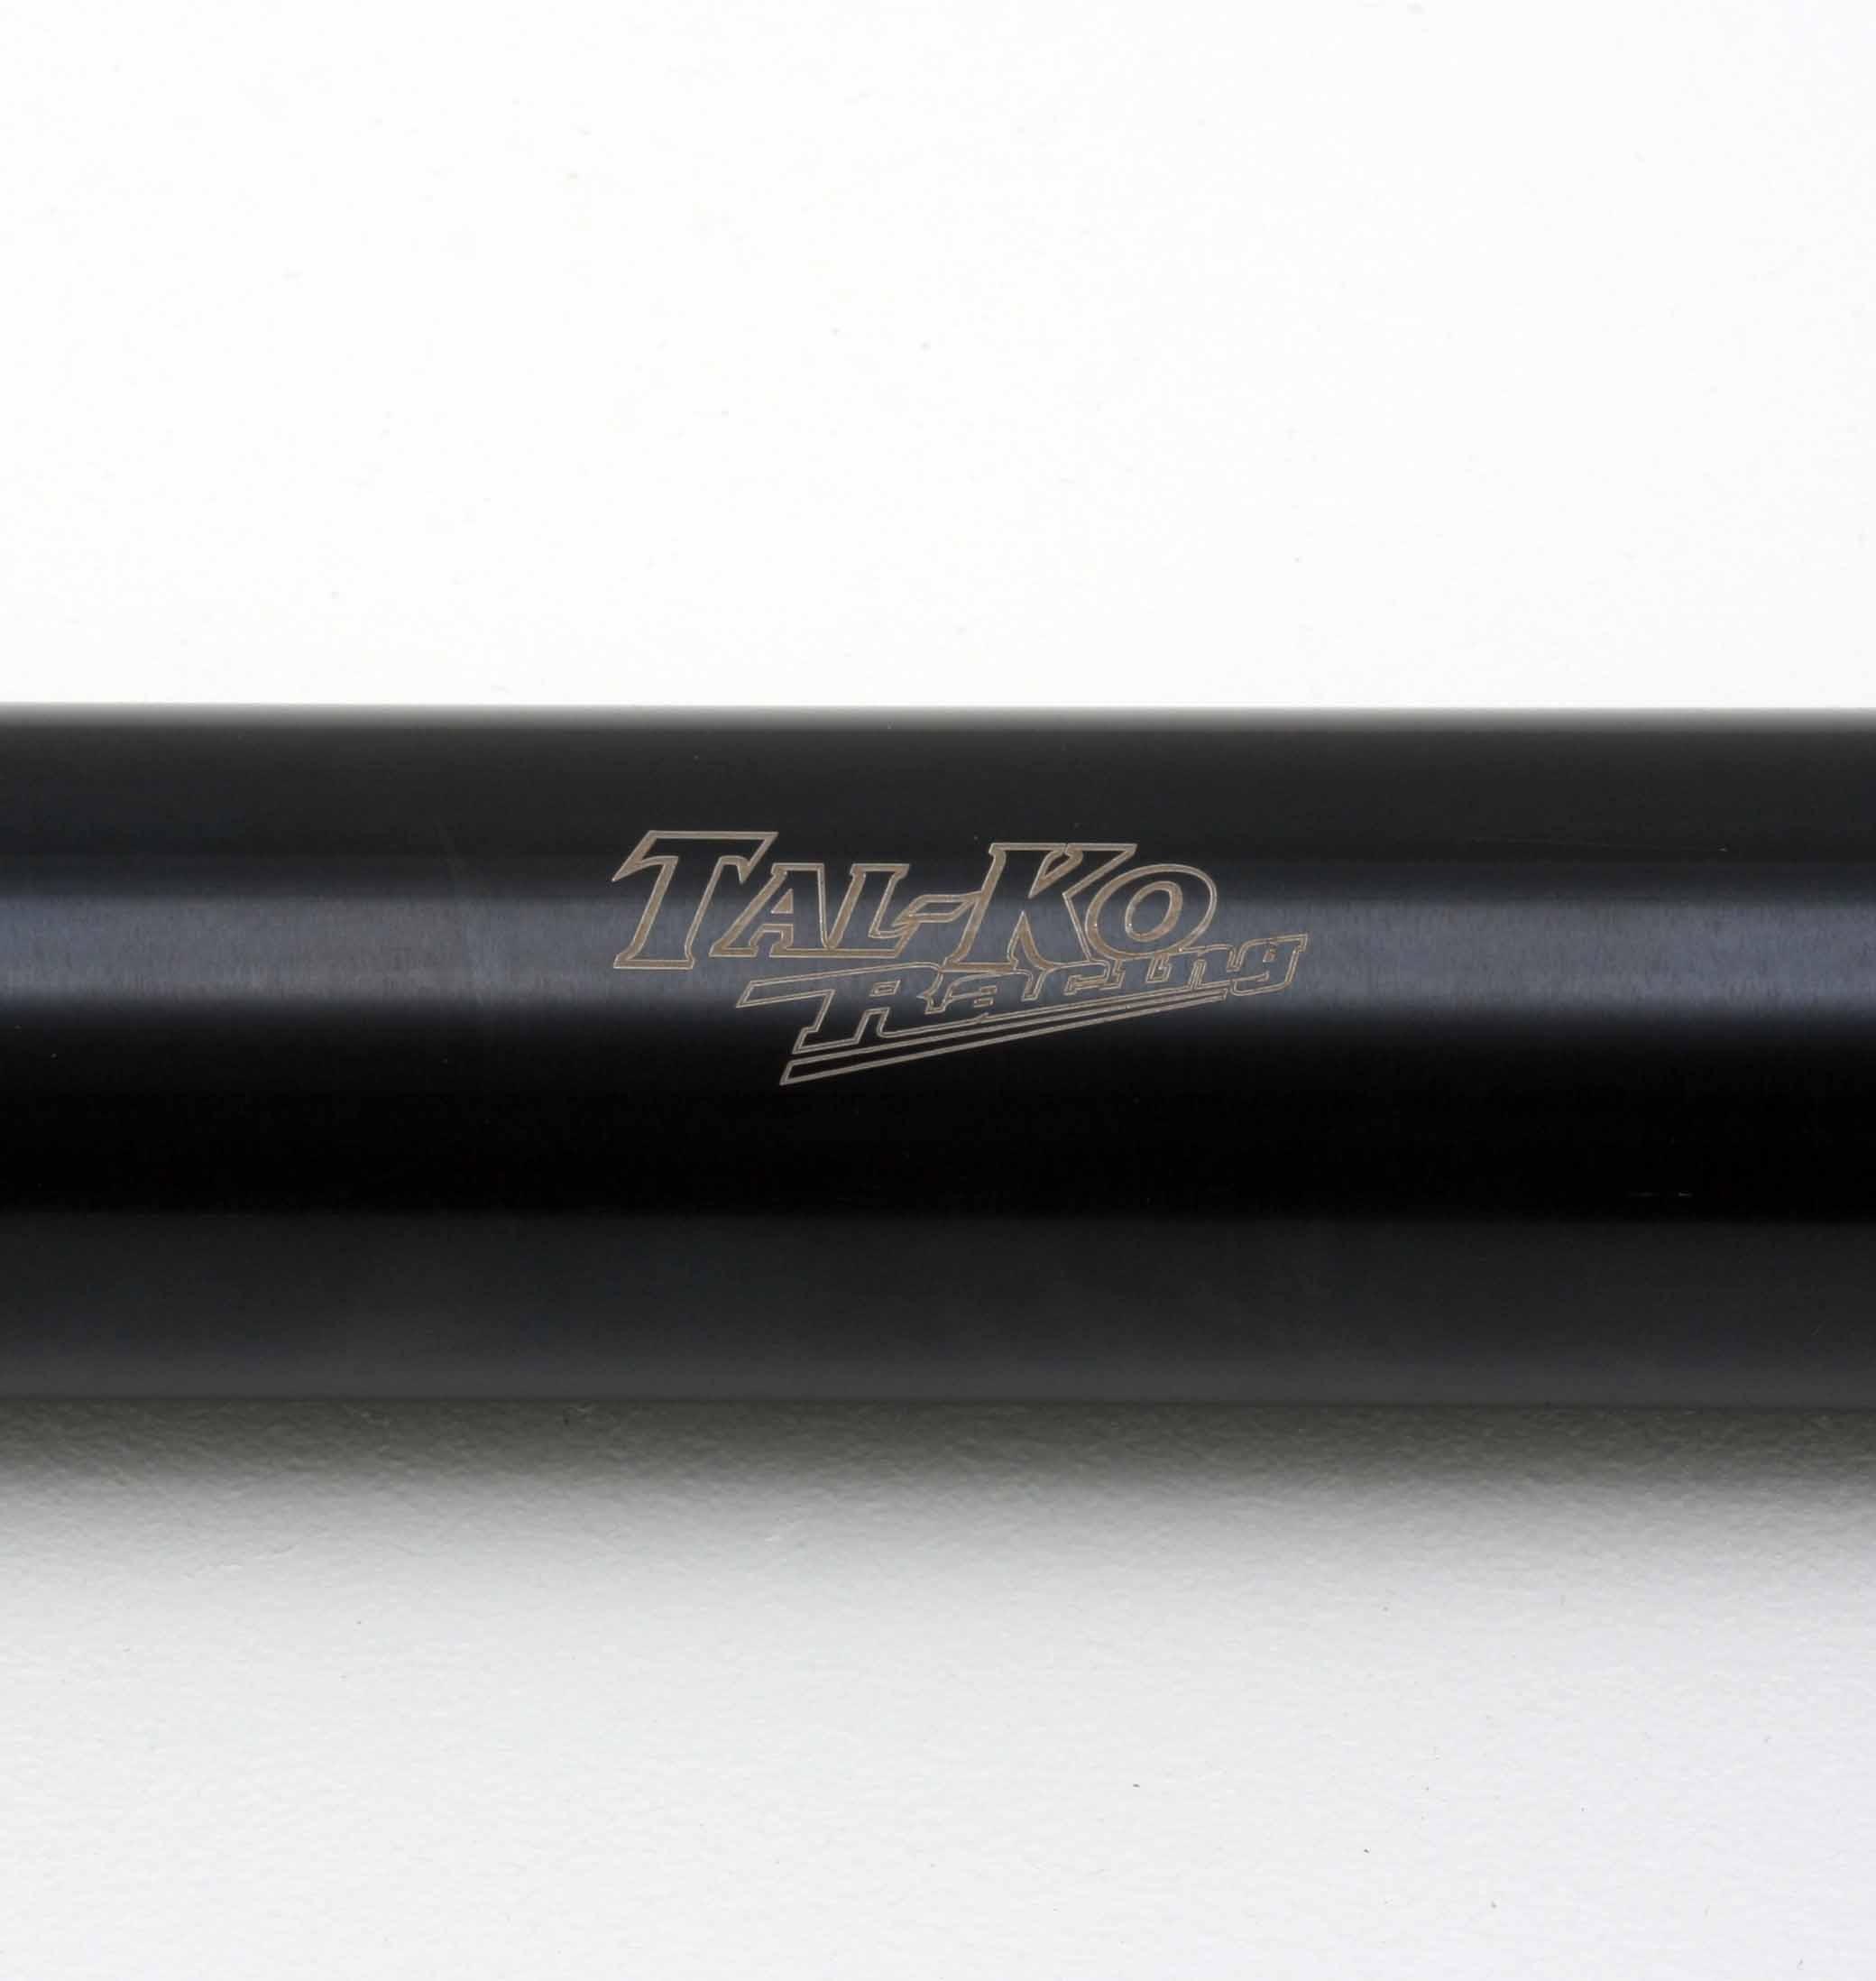 TAL-KO REAR AXLE 50MM x 102 M BLACK